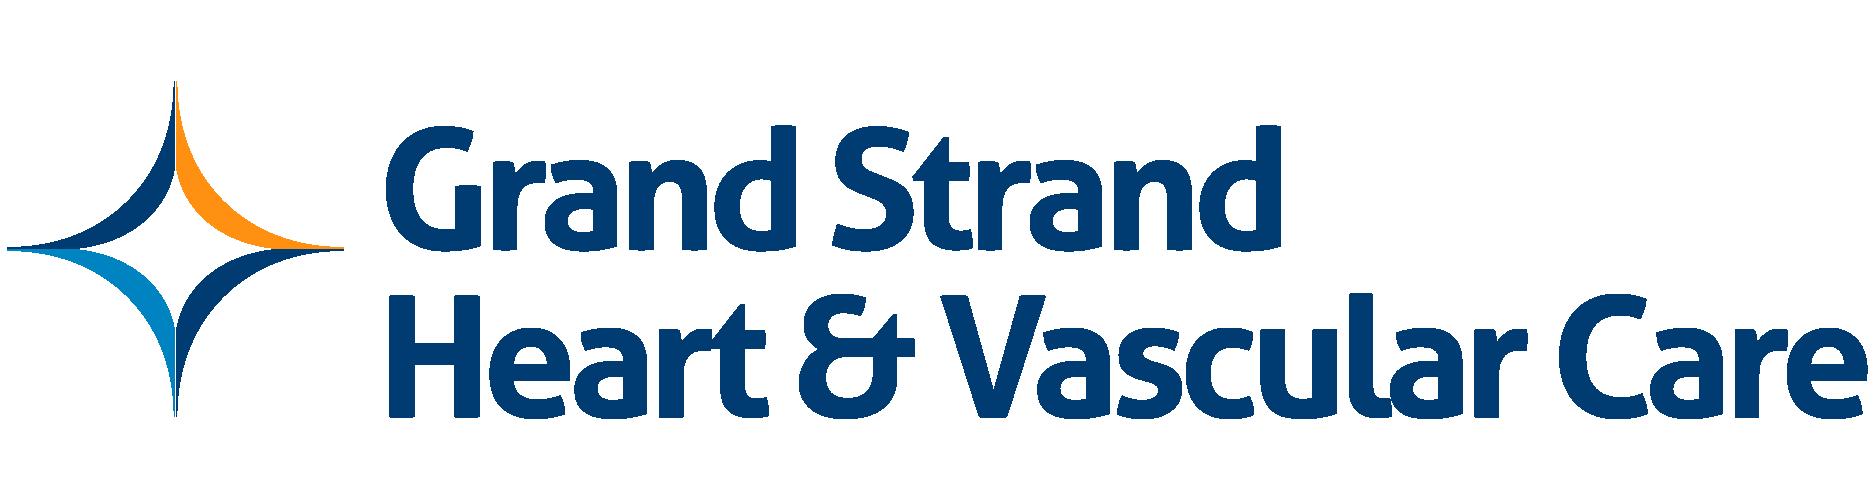 Kava | Grand Strand Heart & Vascular Care